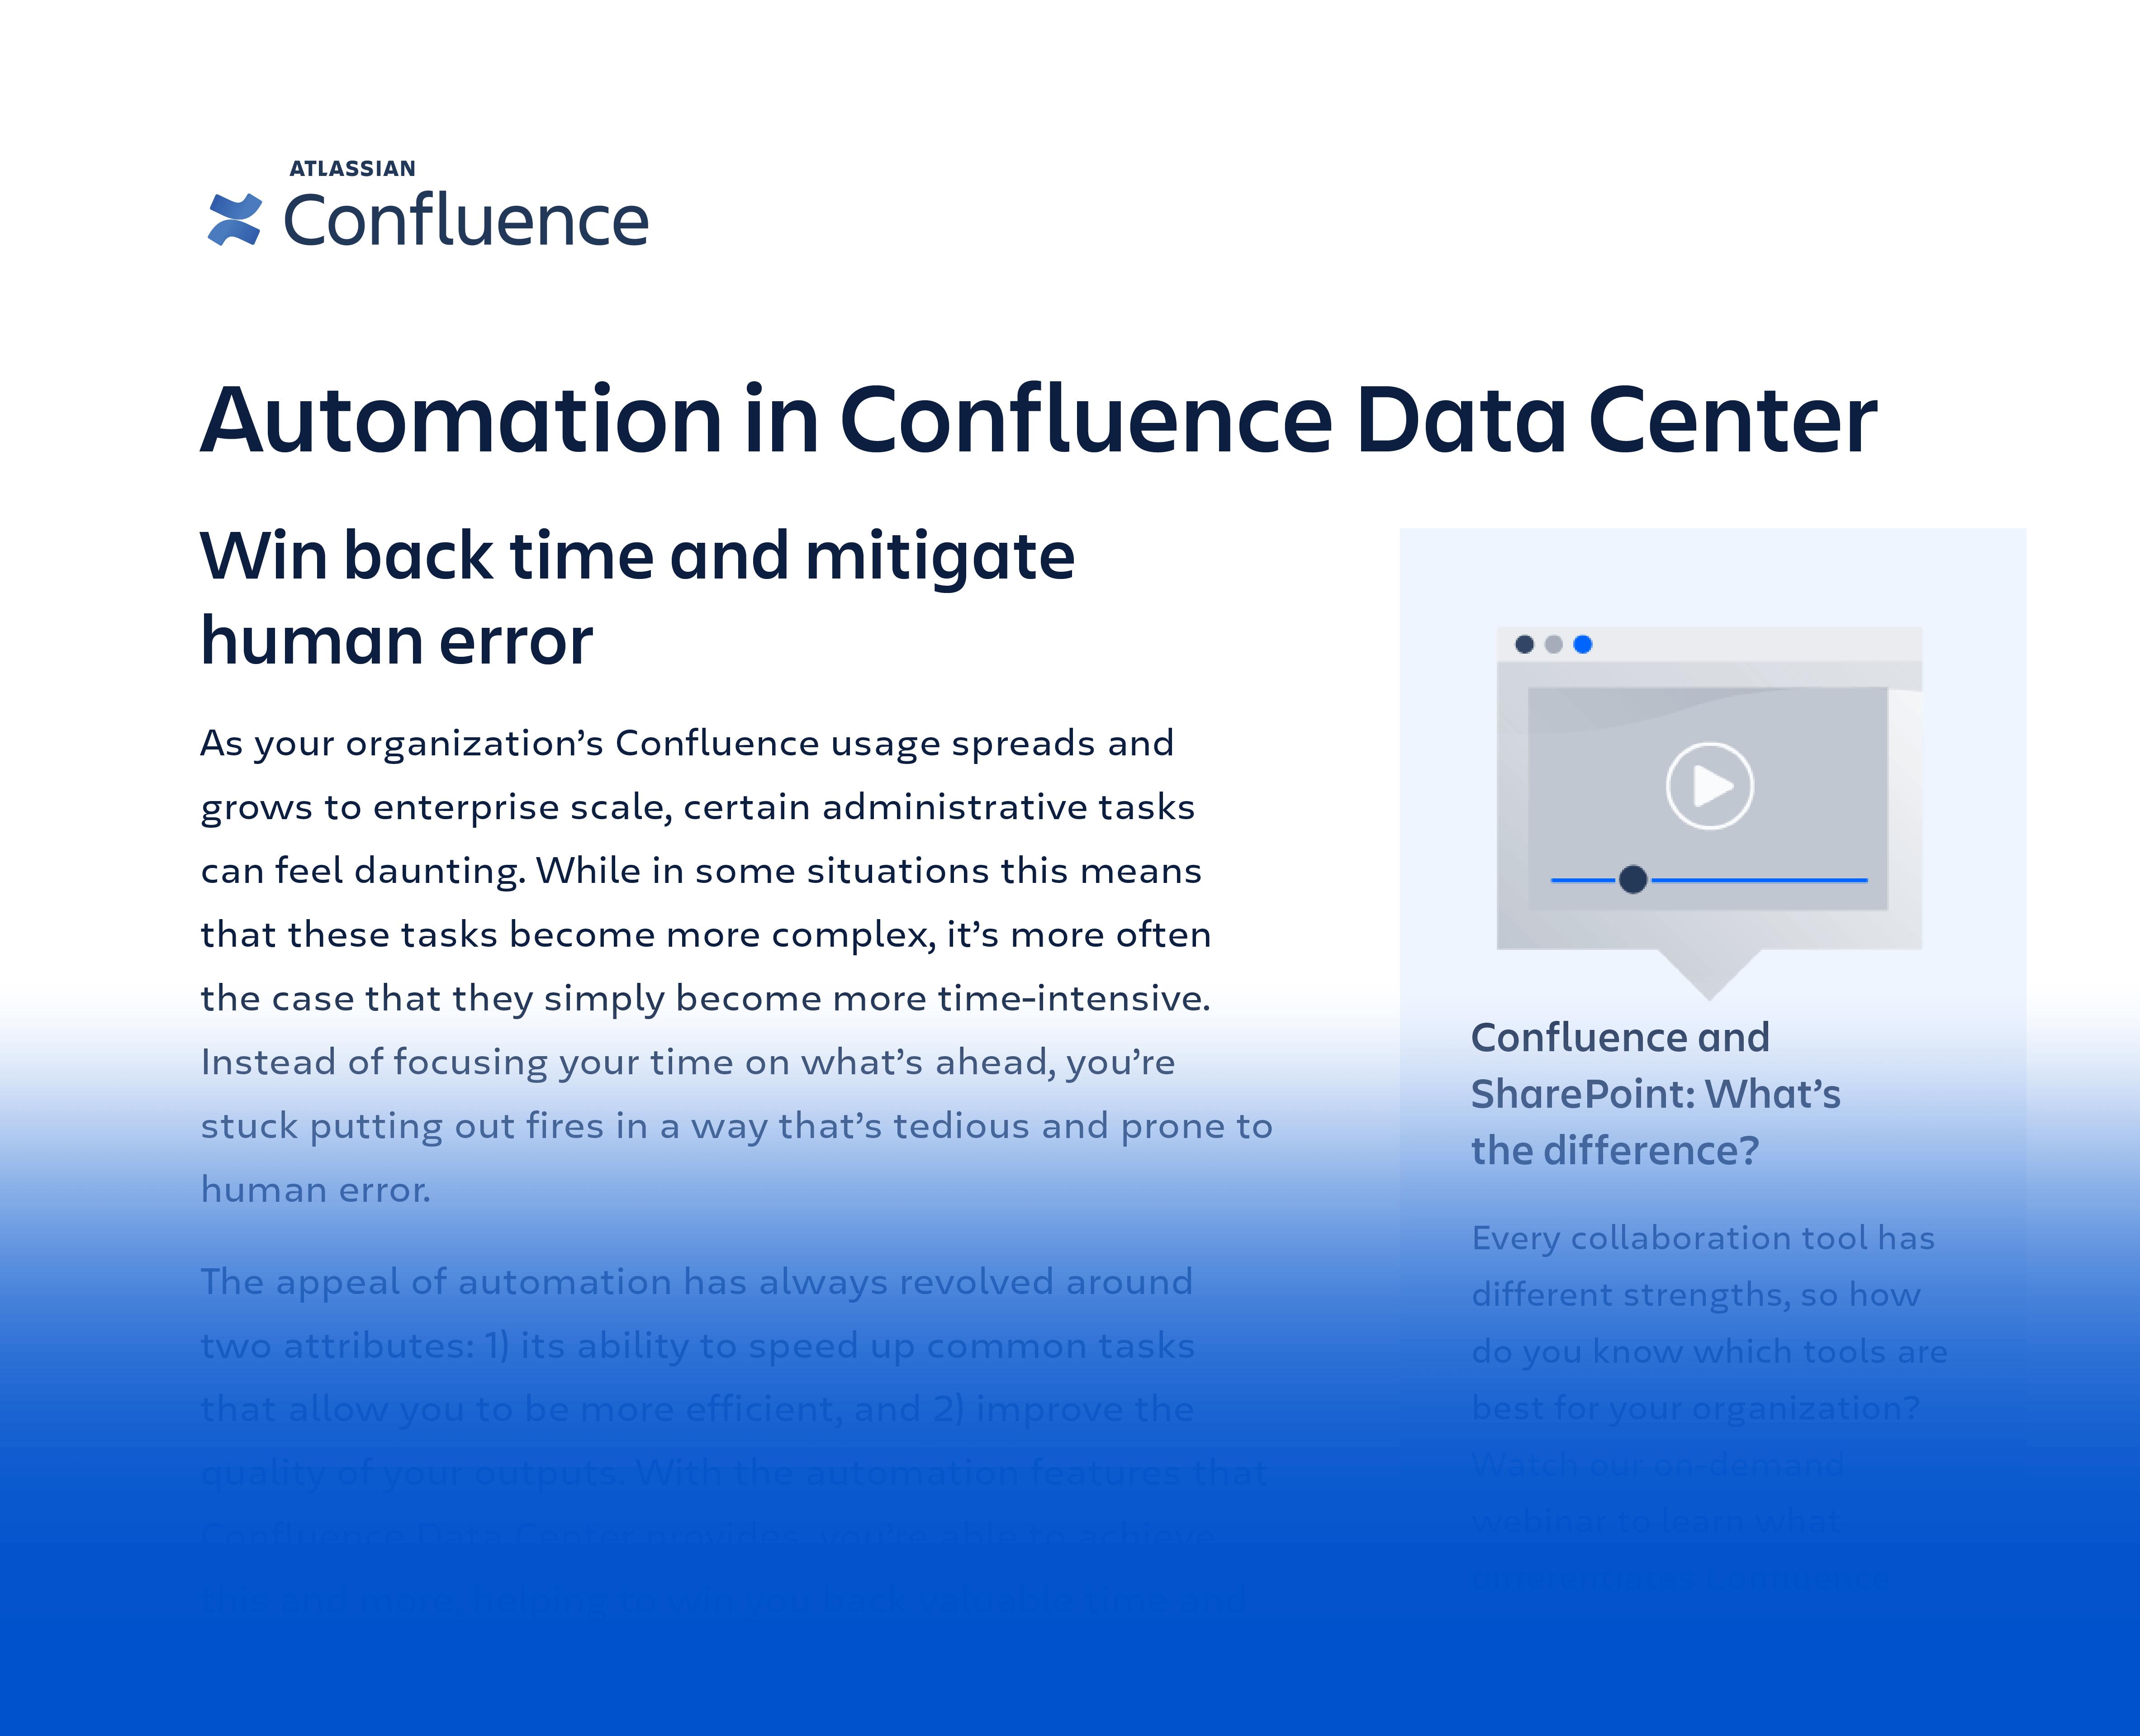 数据表:Confluence 数据中心的自动化